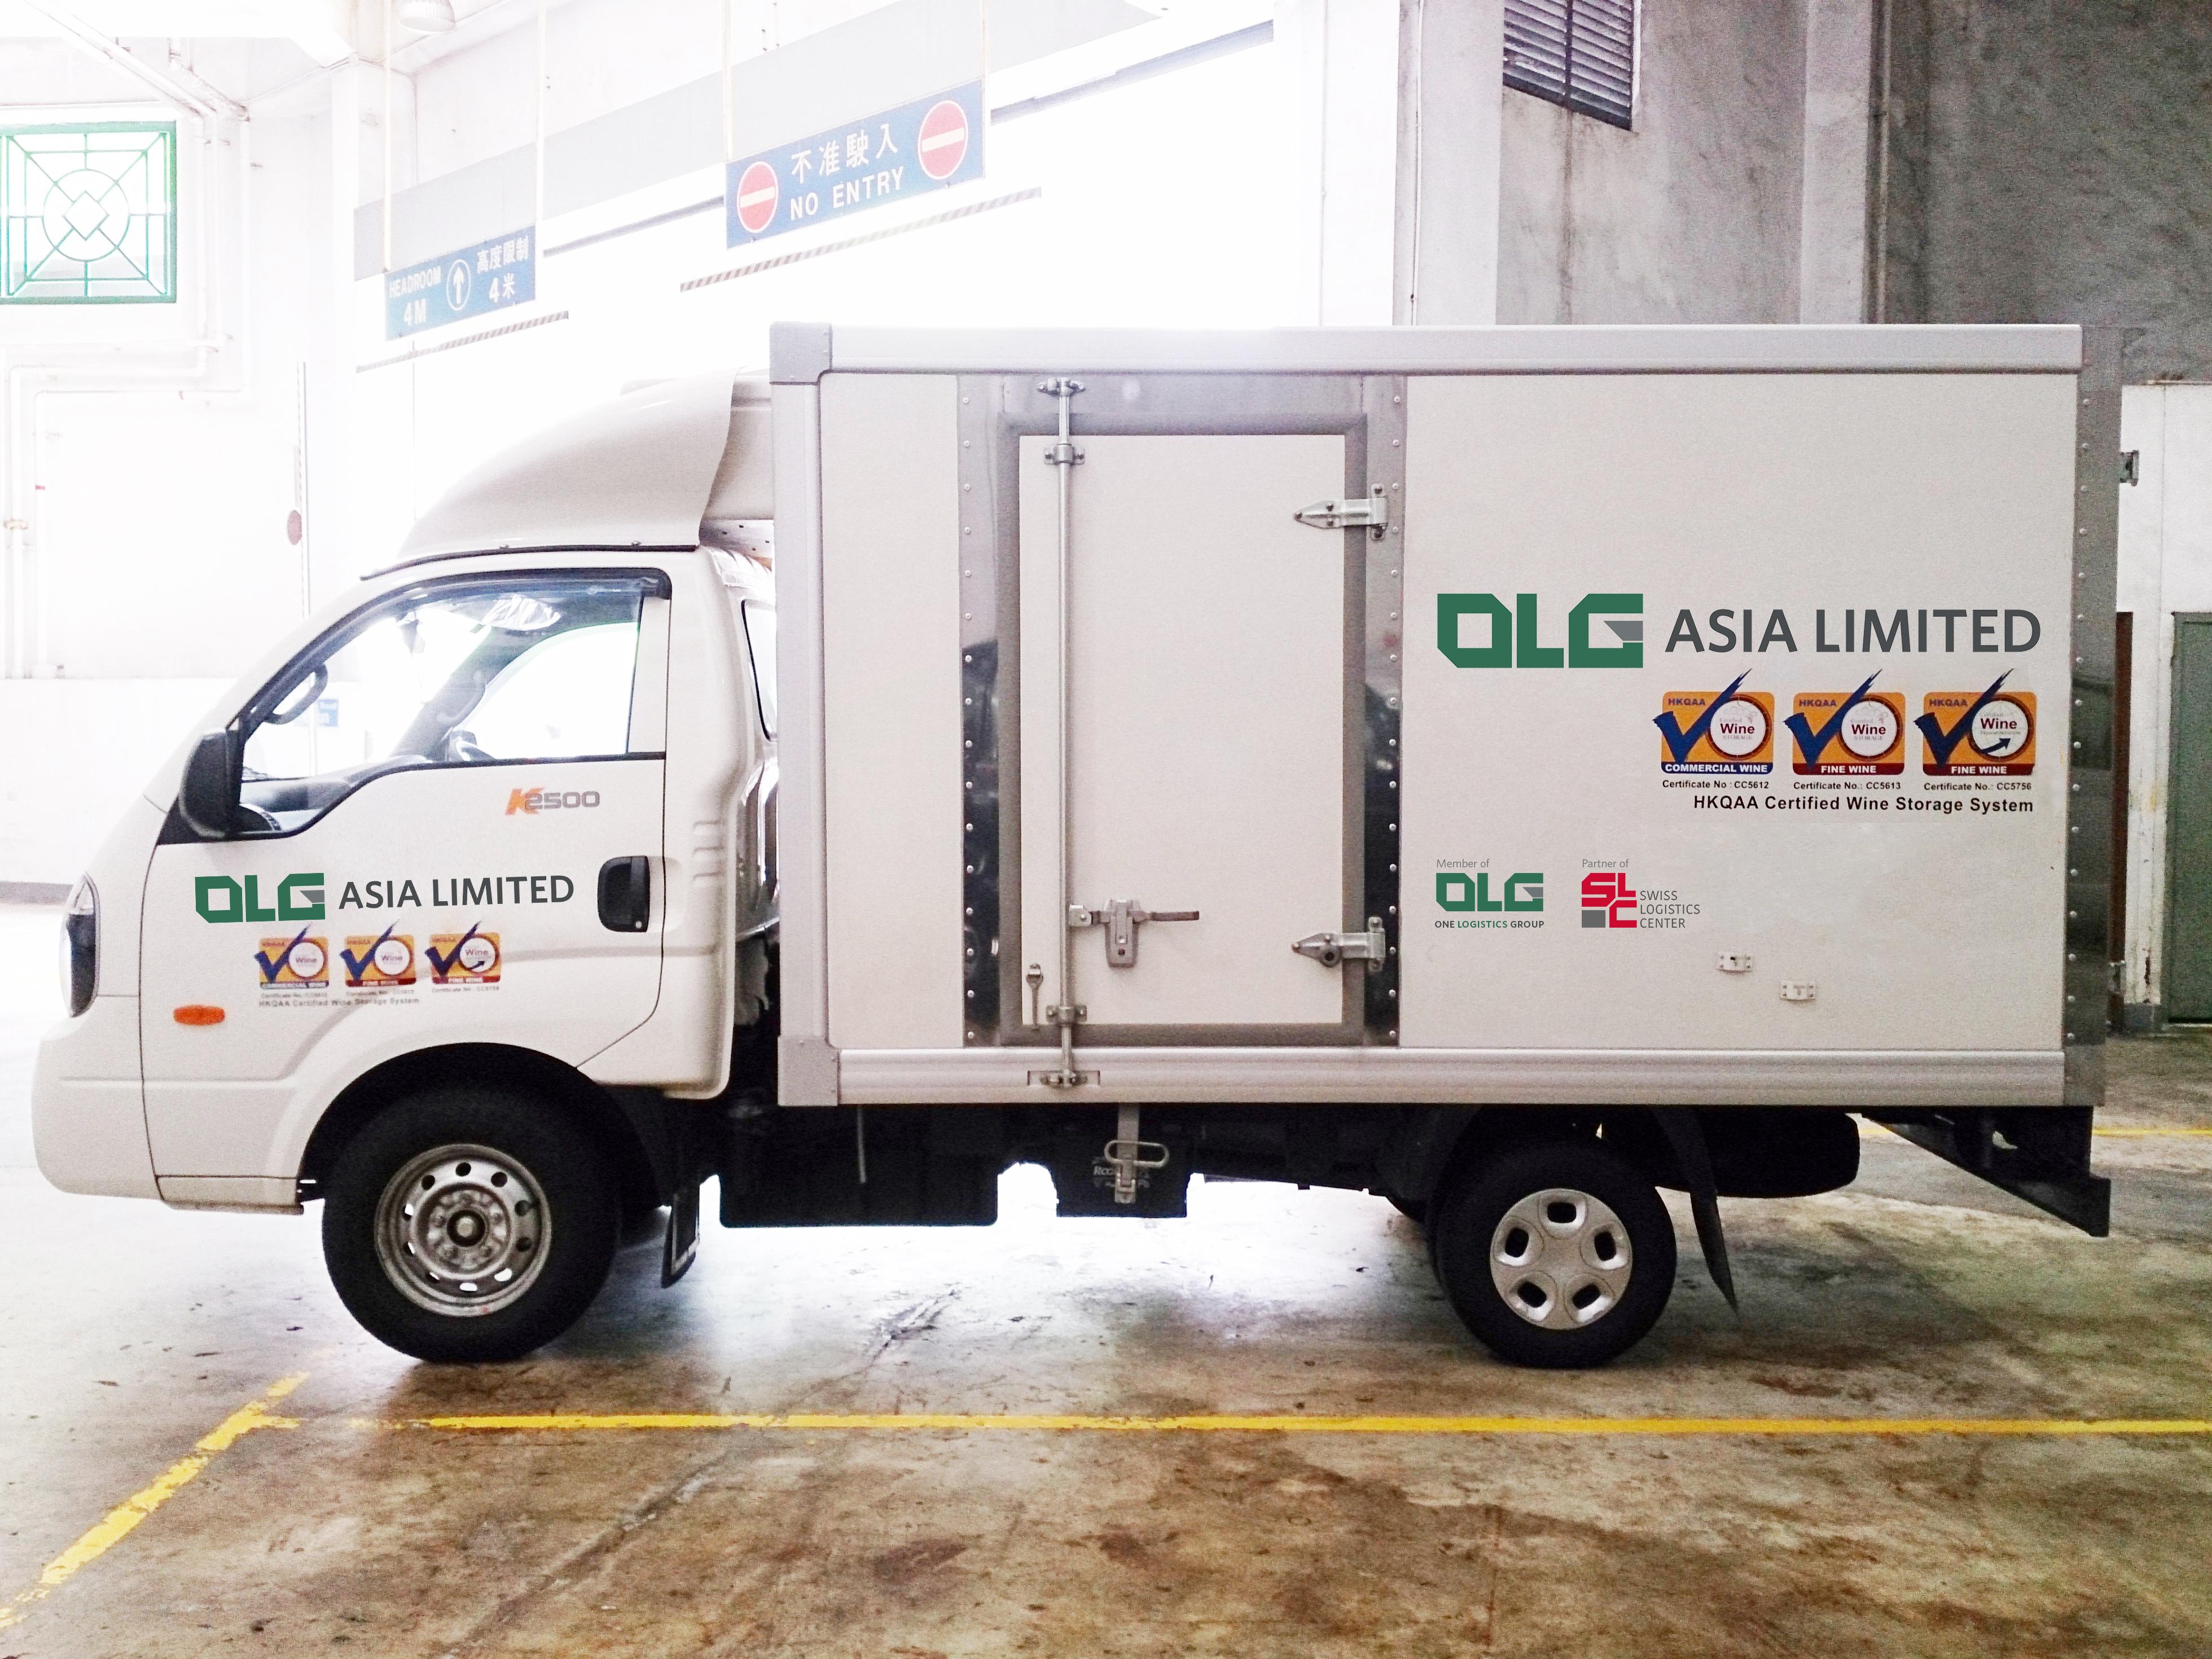 OLGA Truck